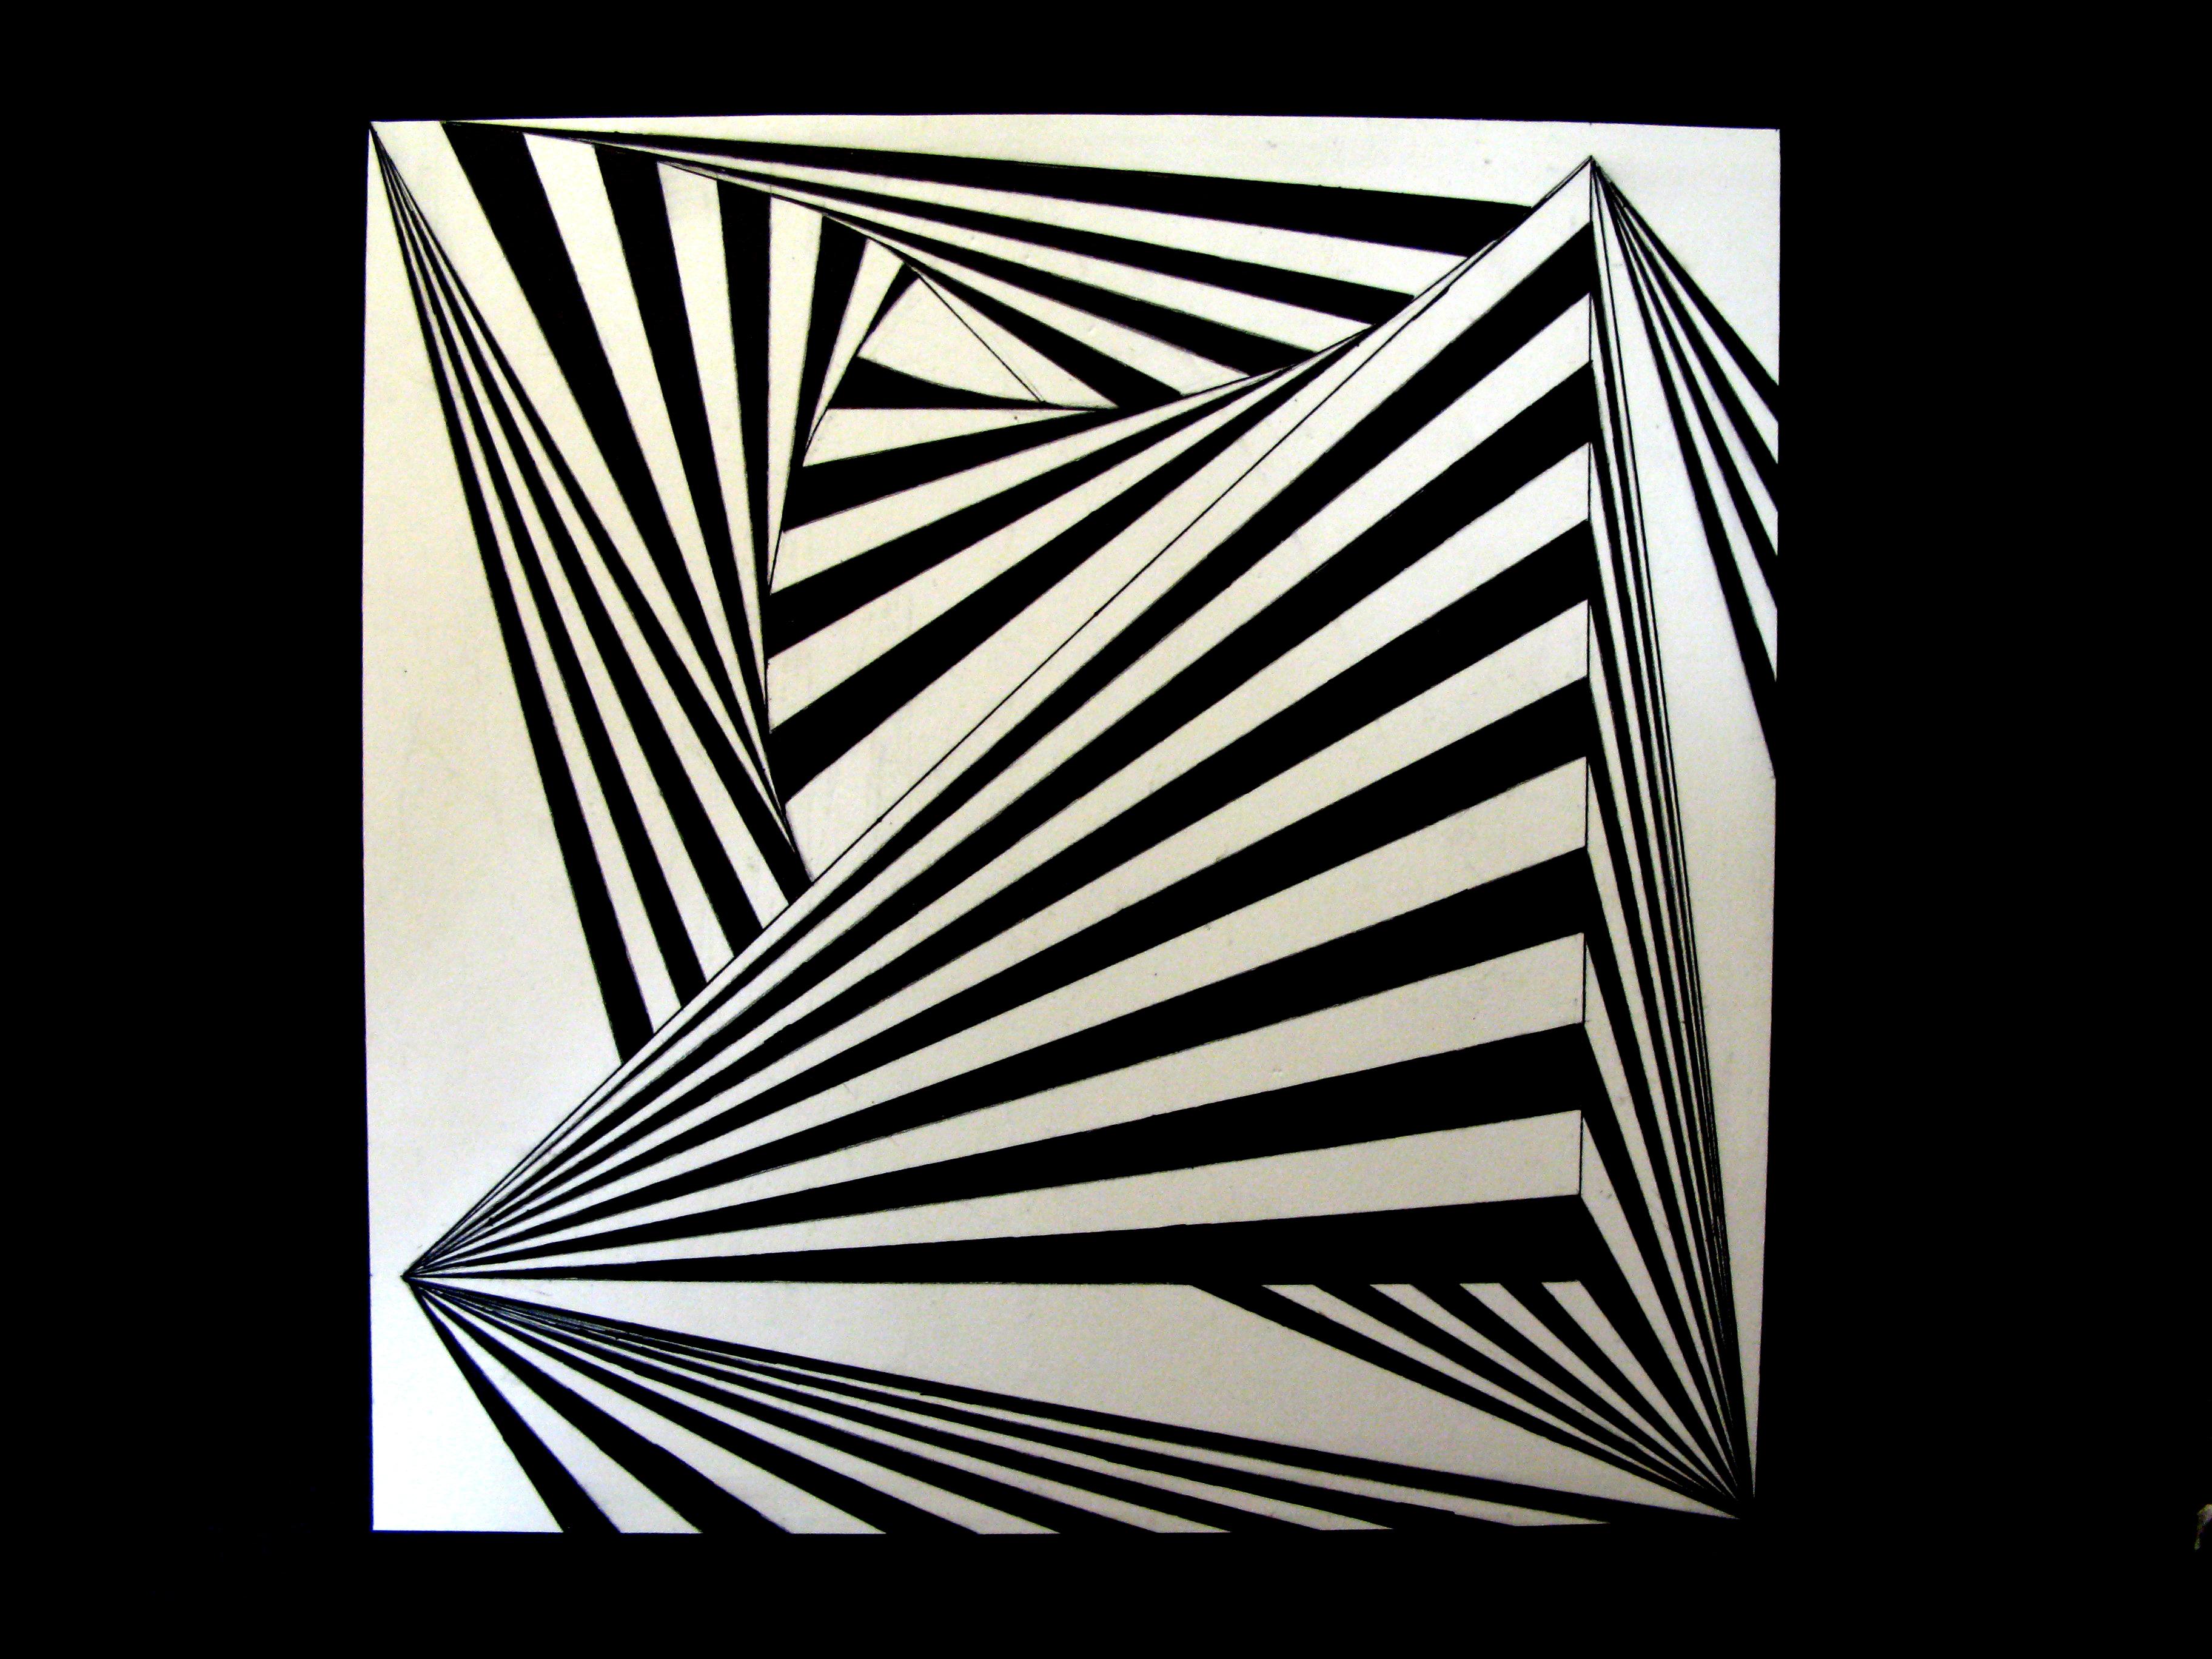 平面构成《几何空间》